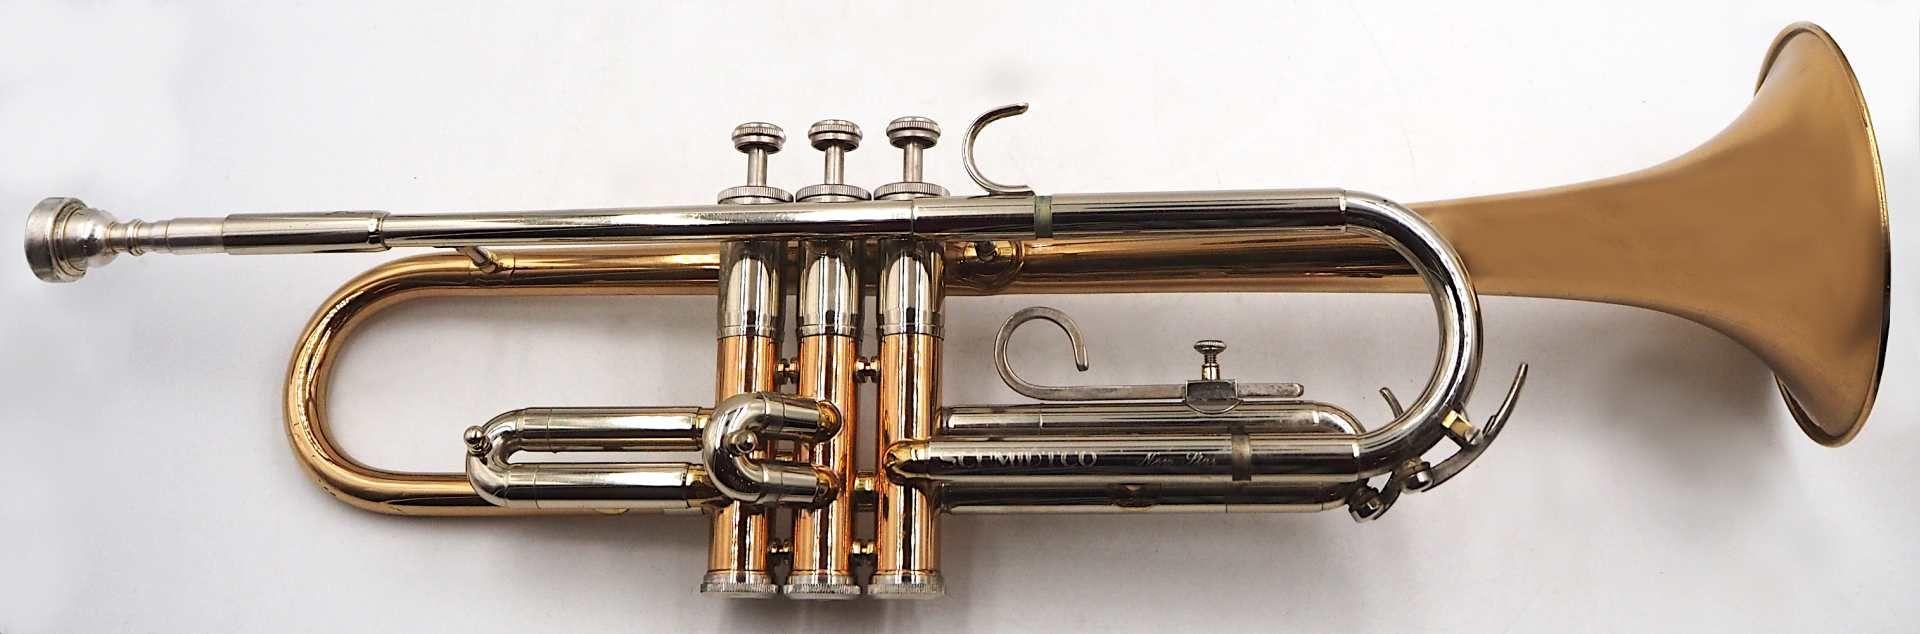 """1 Trompete SCHMIDTCO """"New Star"""" nztl. Messing, mit 3 Ventilen, L ca. 54cm, mit Trageko"""